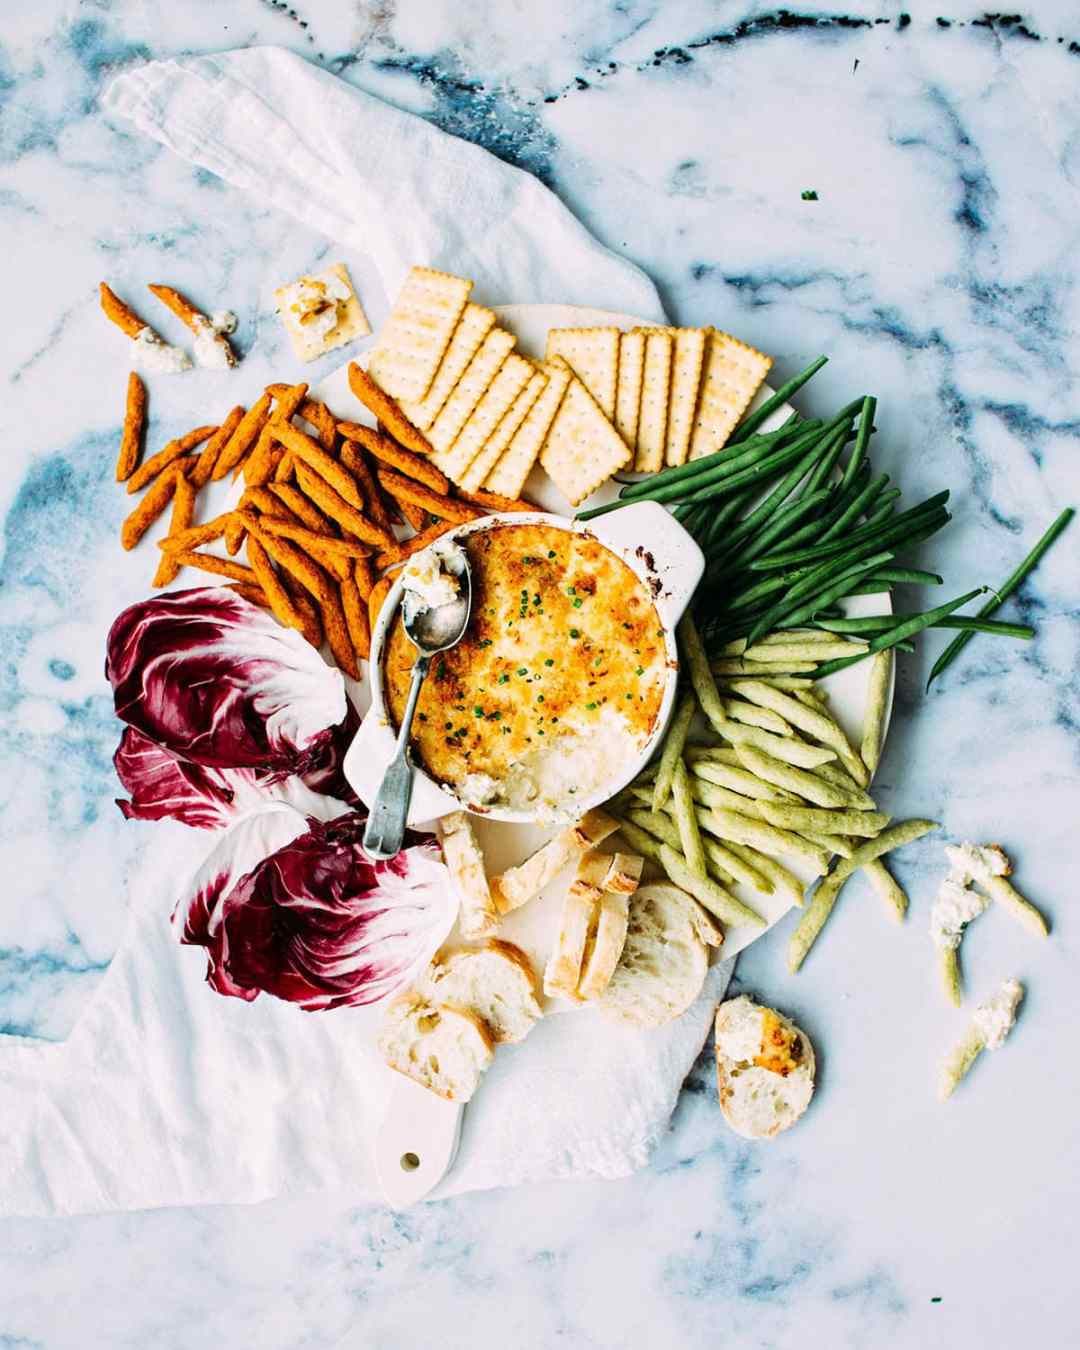 Homemade hummus with veggies tray